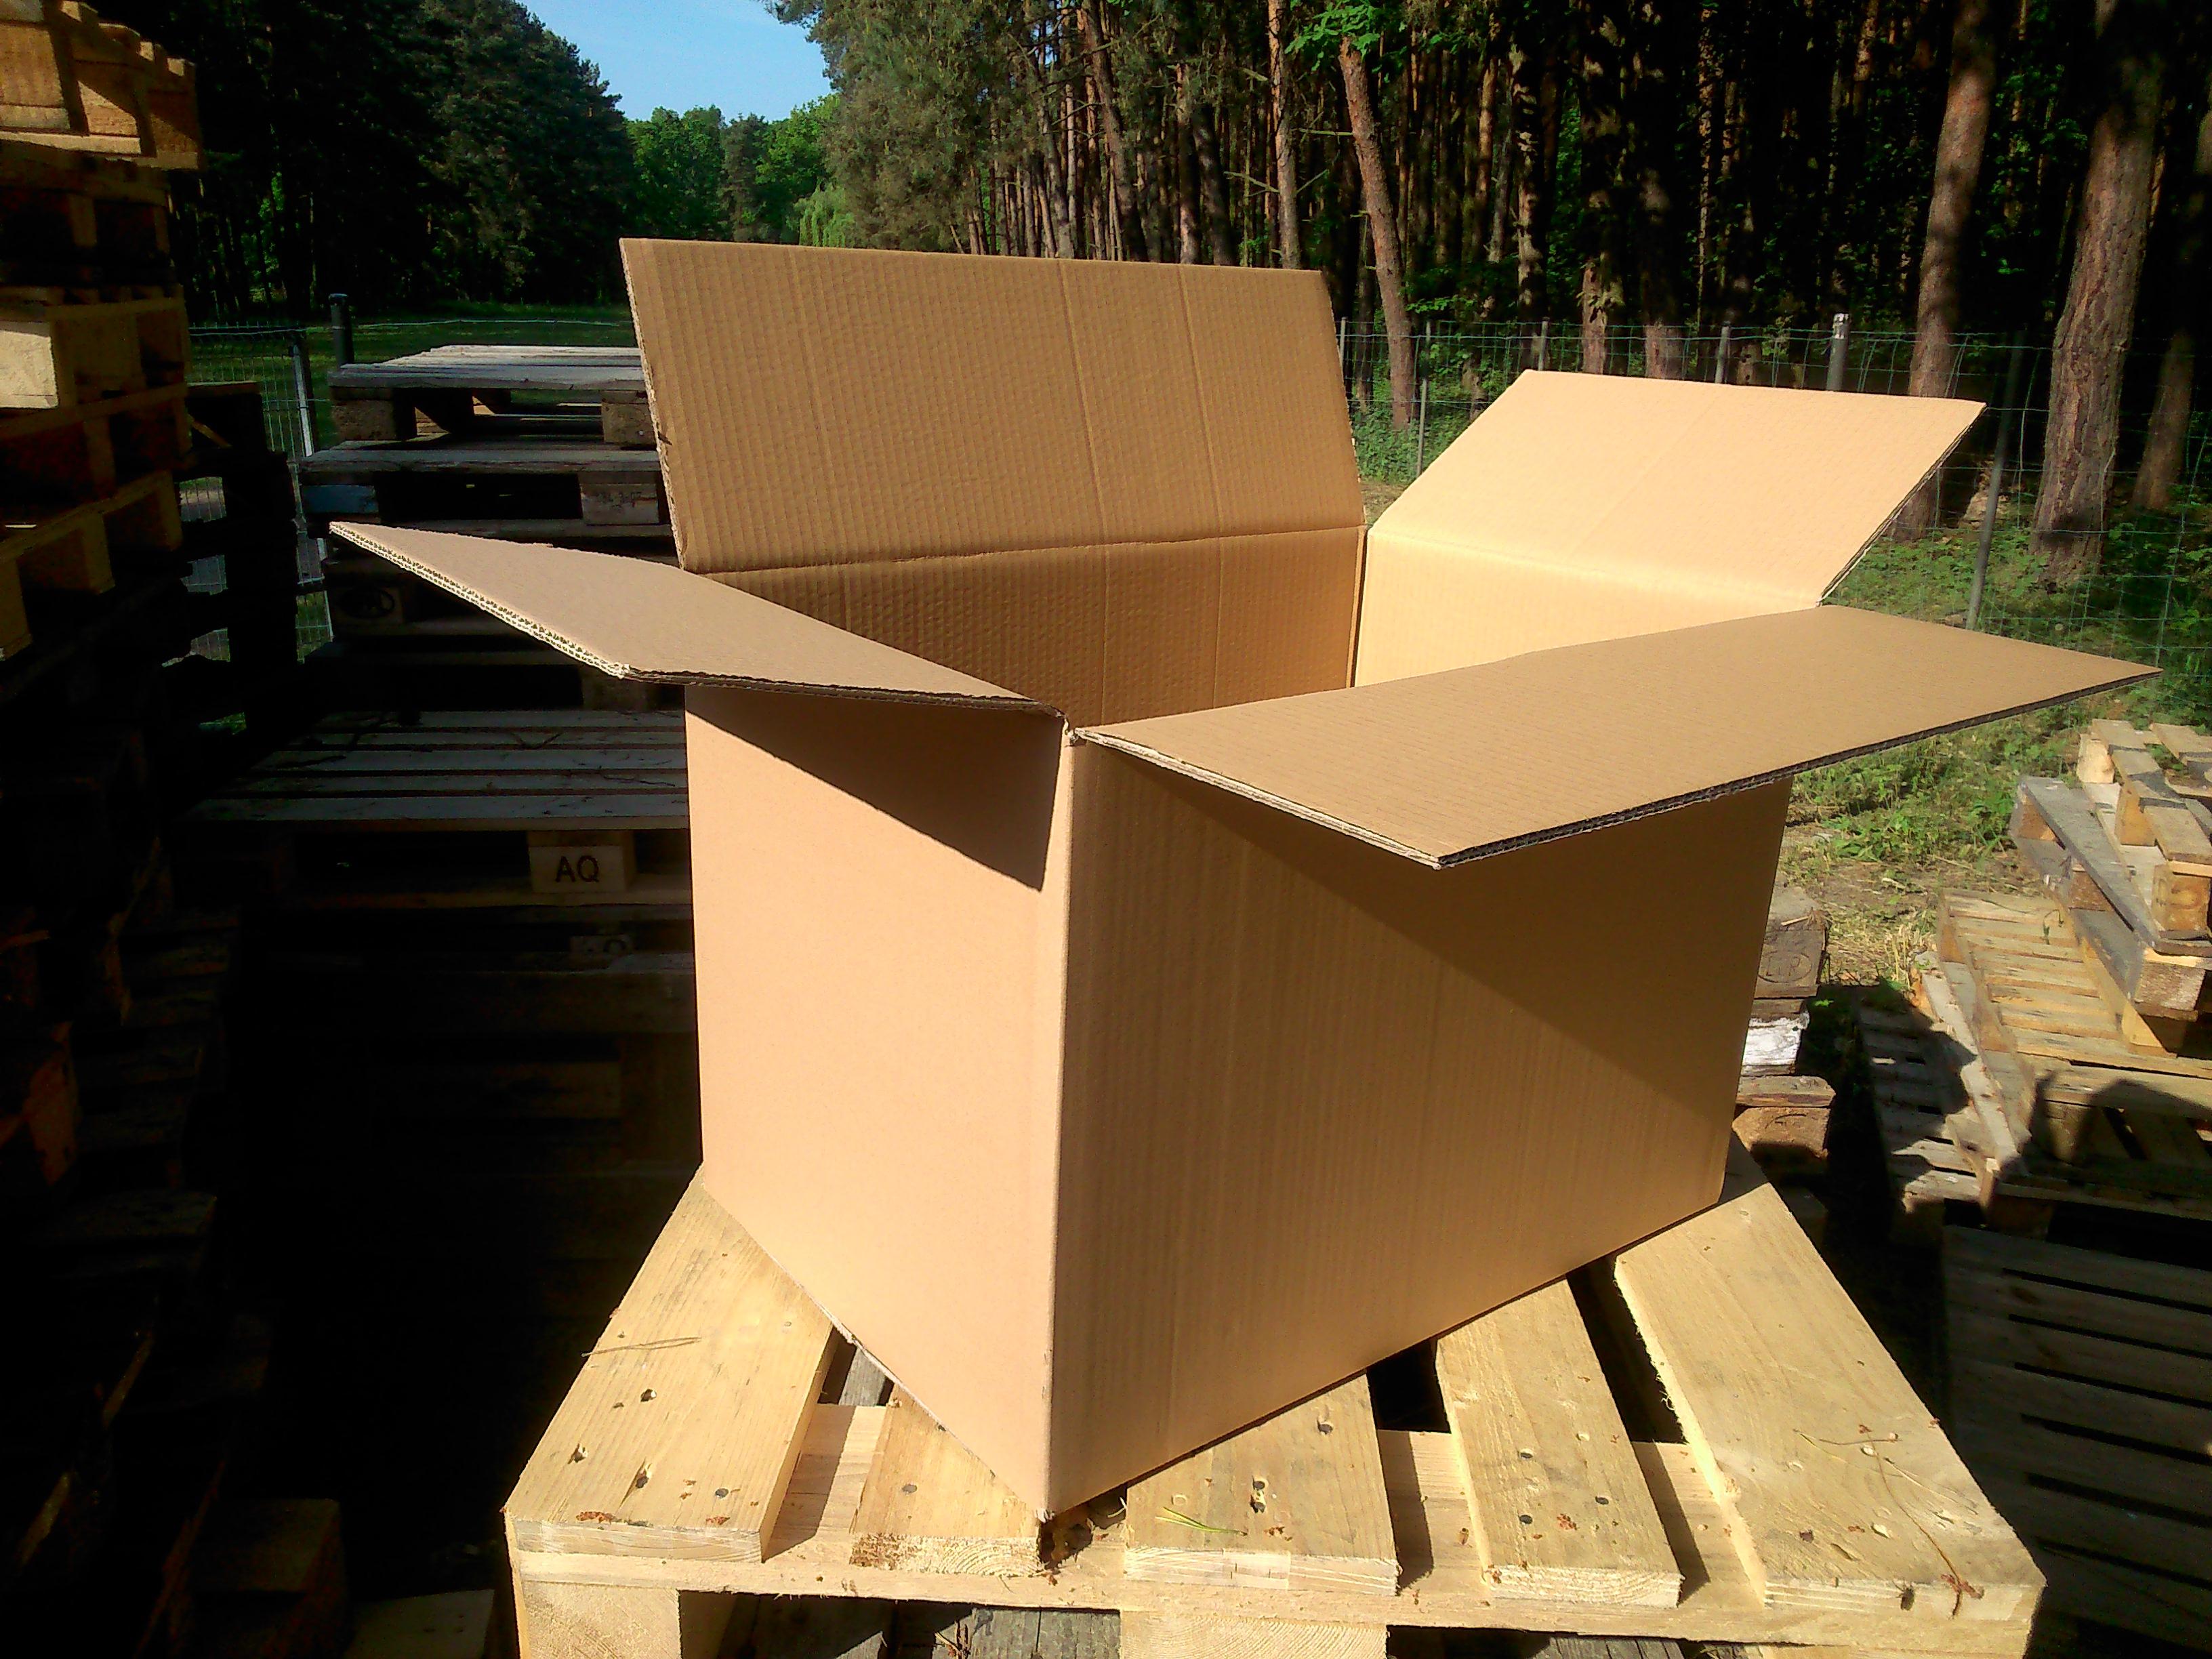 Przeprowadzka? Problem z transportem czy pakowaniem? Nasza firma posiada w ofercie kartony przeprowadzkowe o wymiarach: